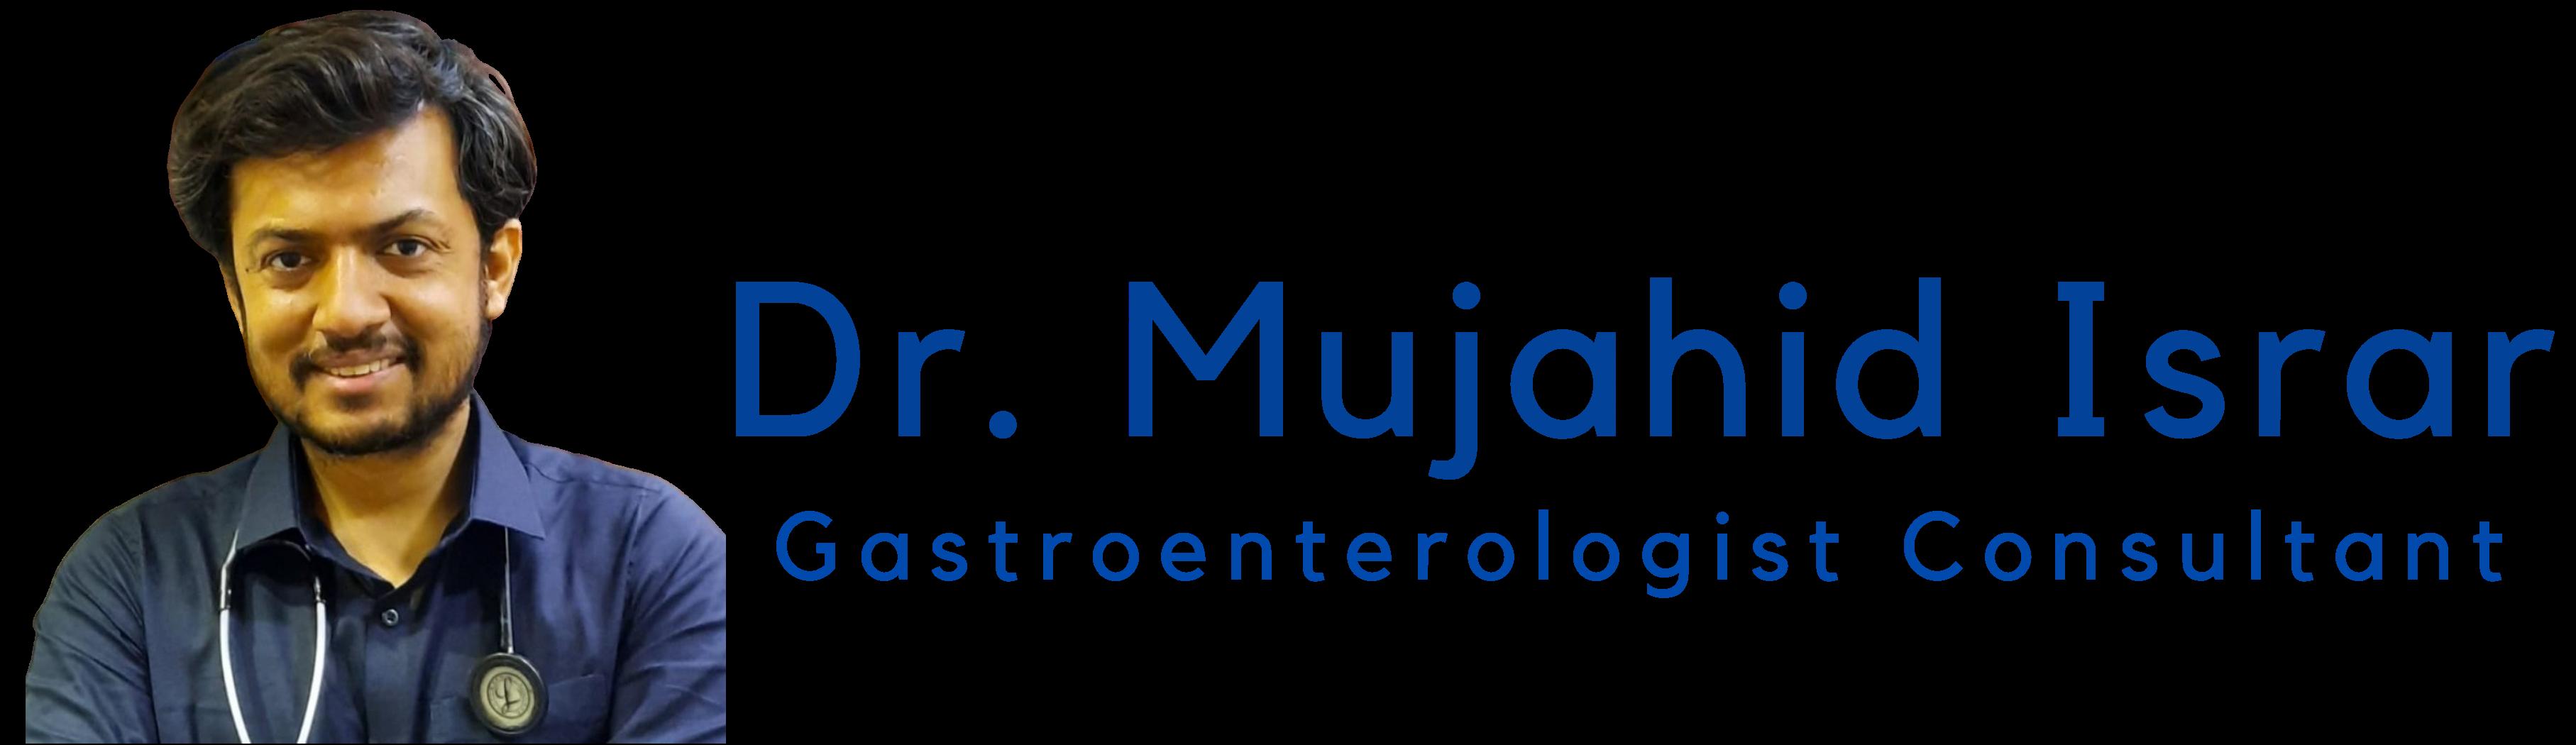 Dr Mujahid Israr